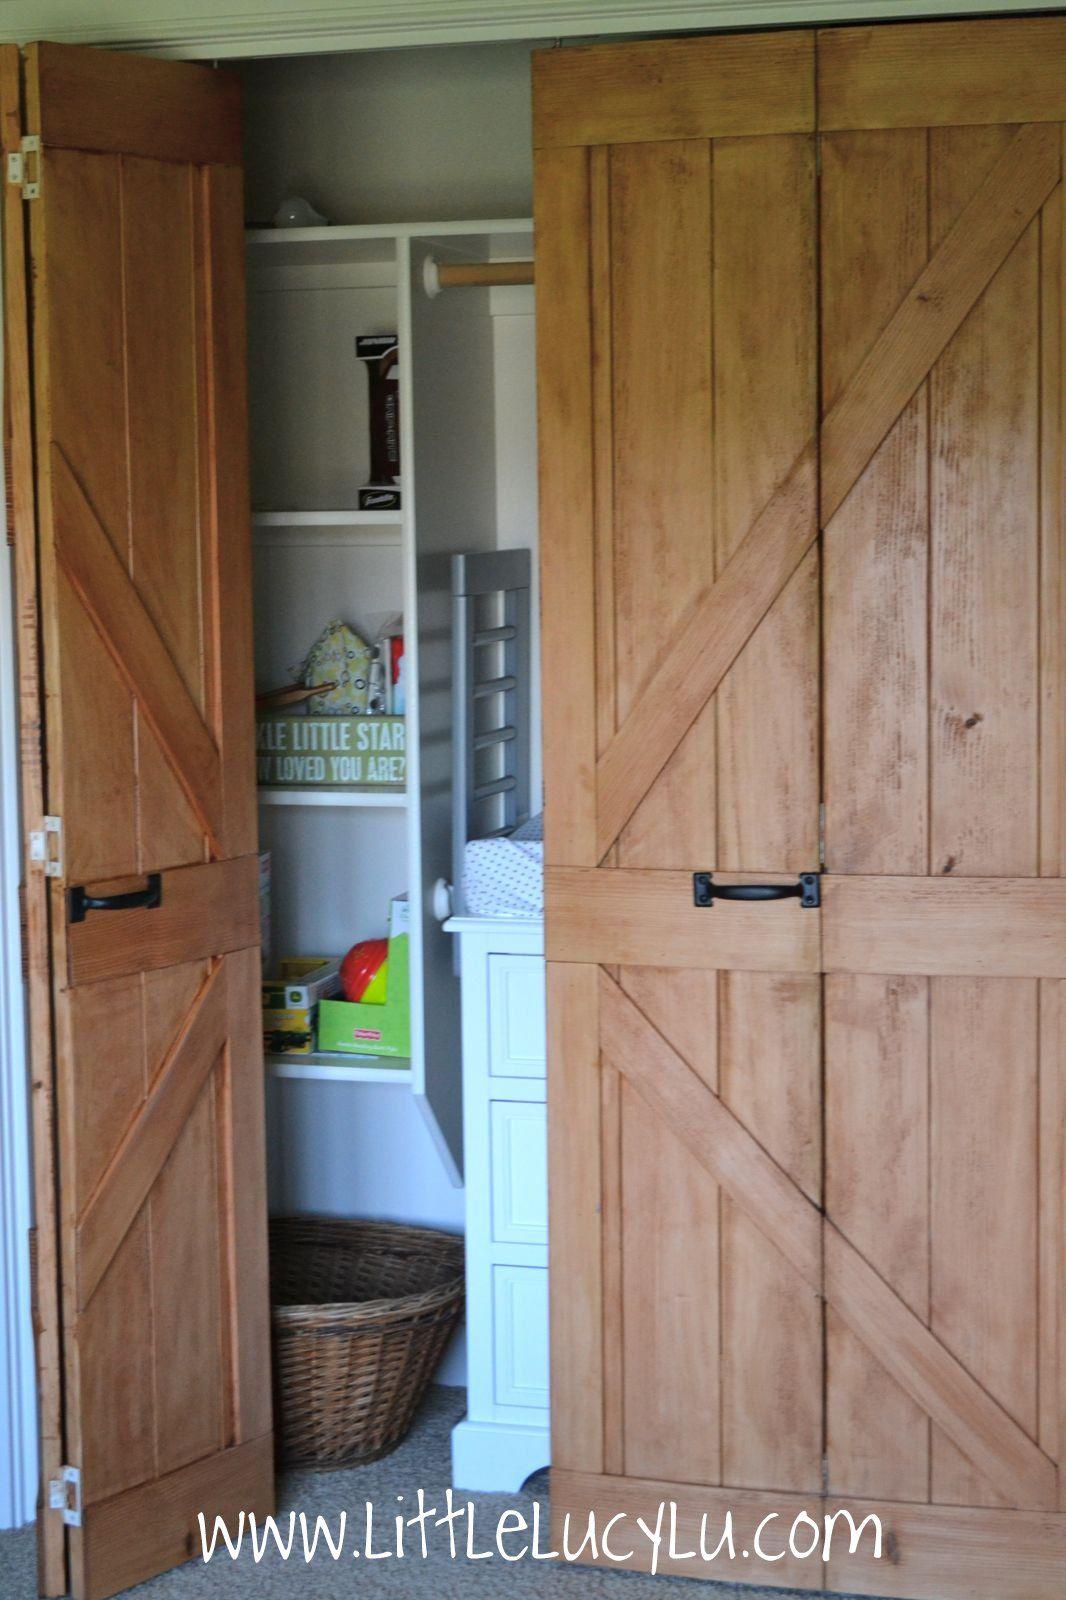 Bi-folding Doors And Other Patio Door Styles - http ...